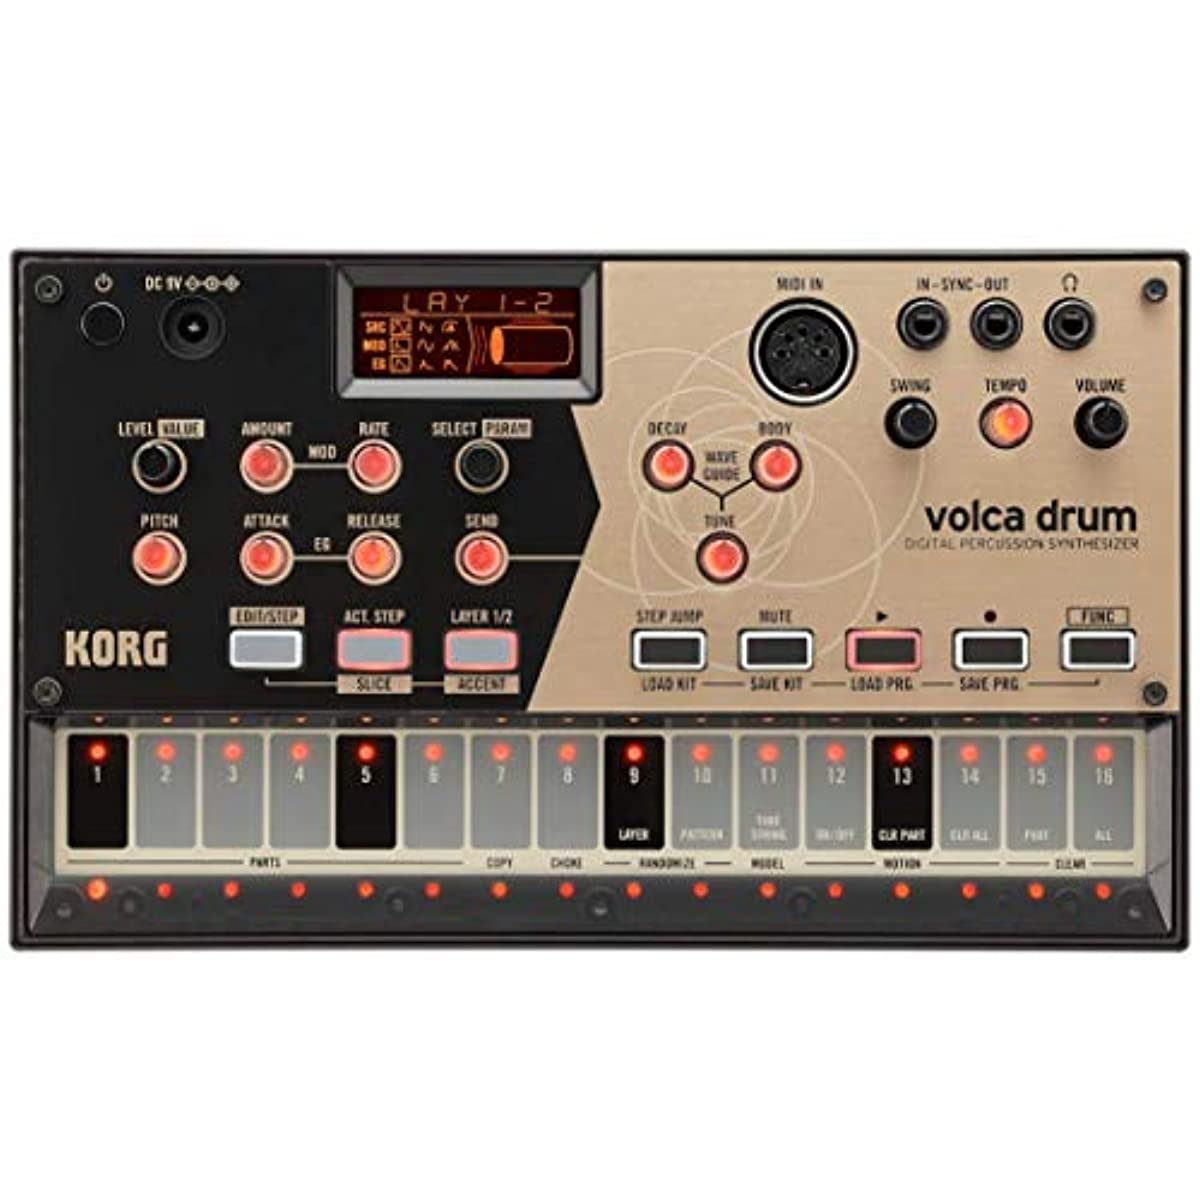 [해외] KORG (코르그) 디지털 퍼커션 신디사이저 컴팩트 volca drum